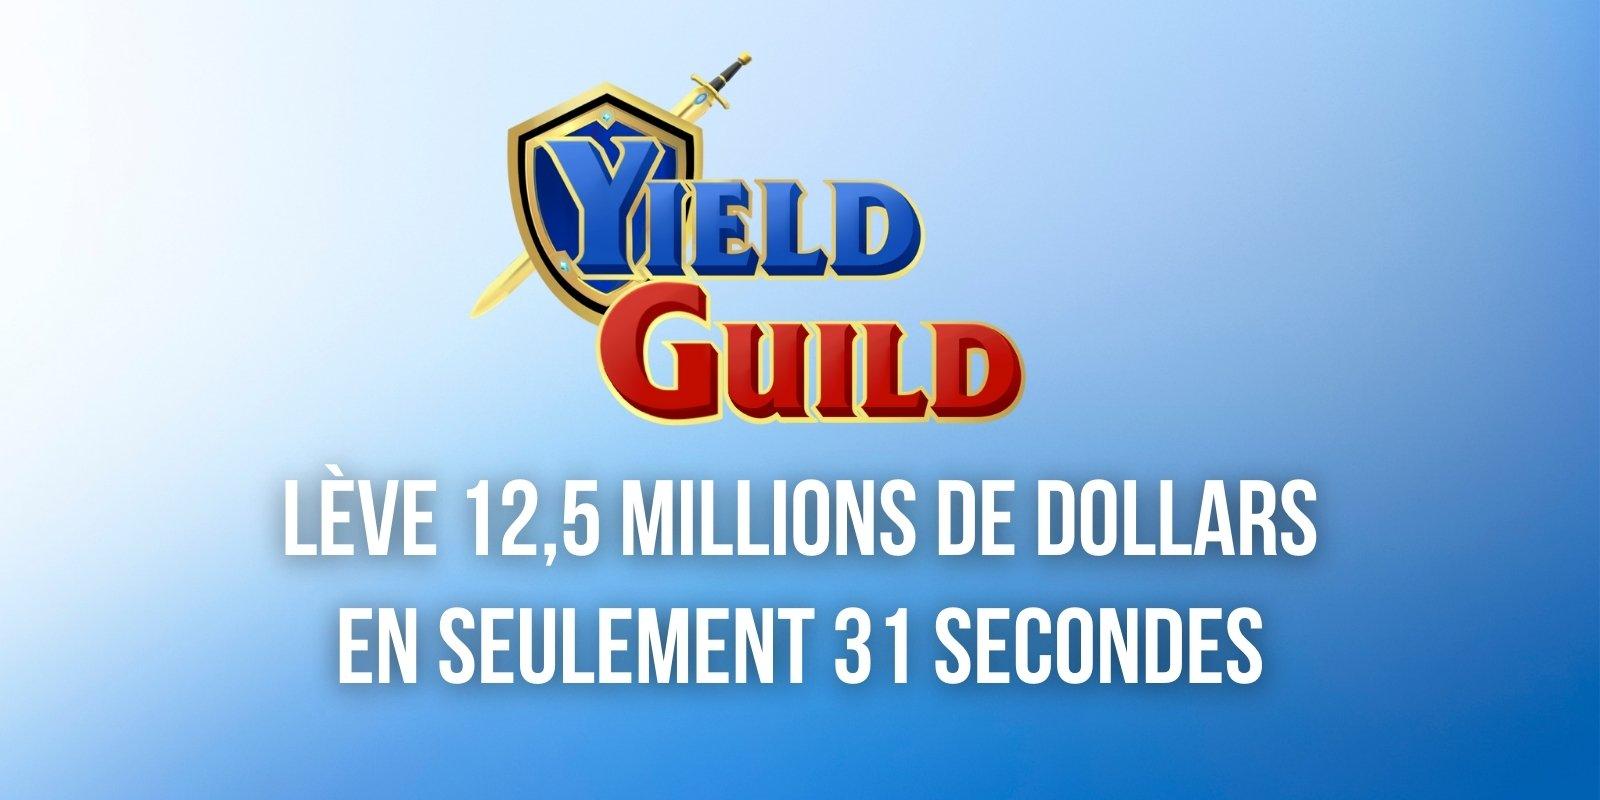 Pour son IDO, Yield Guild Games (YGG) lève 12,5 millions de dollars en seulement 31 secondes